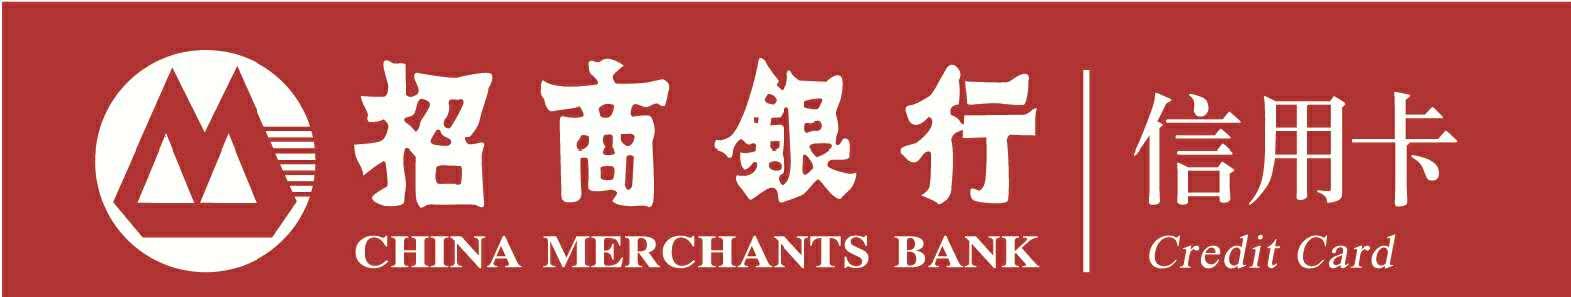 招商銀行股份有限公司信用卡中心